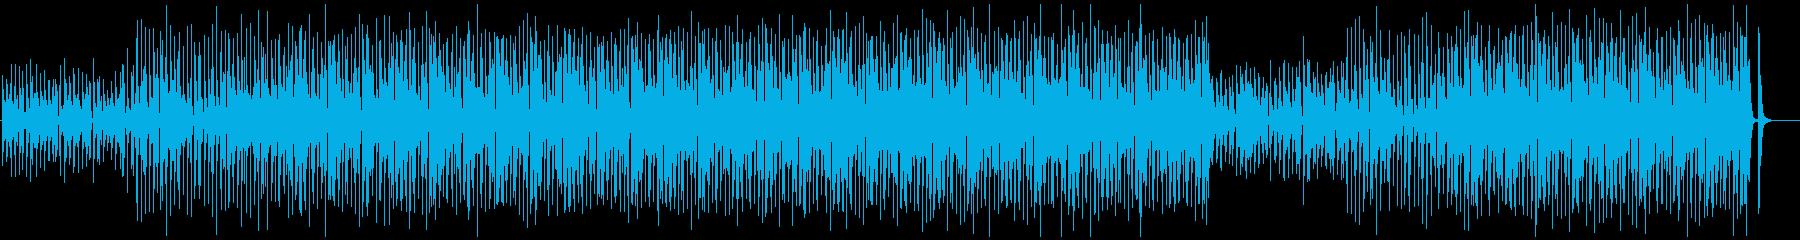 Happy, sunny, nimble, ukulele, whistling's reproduced waveform